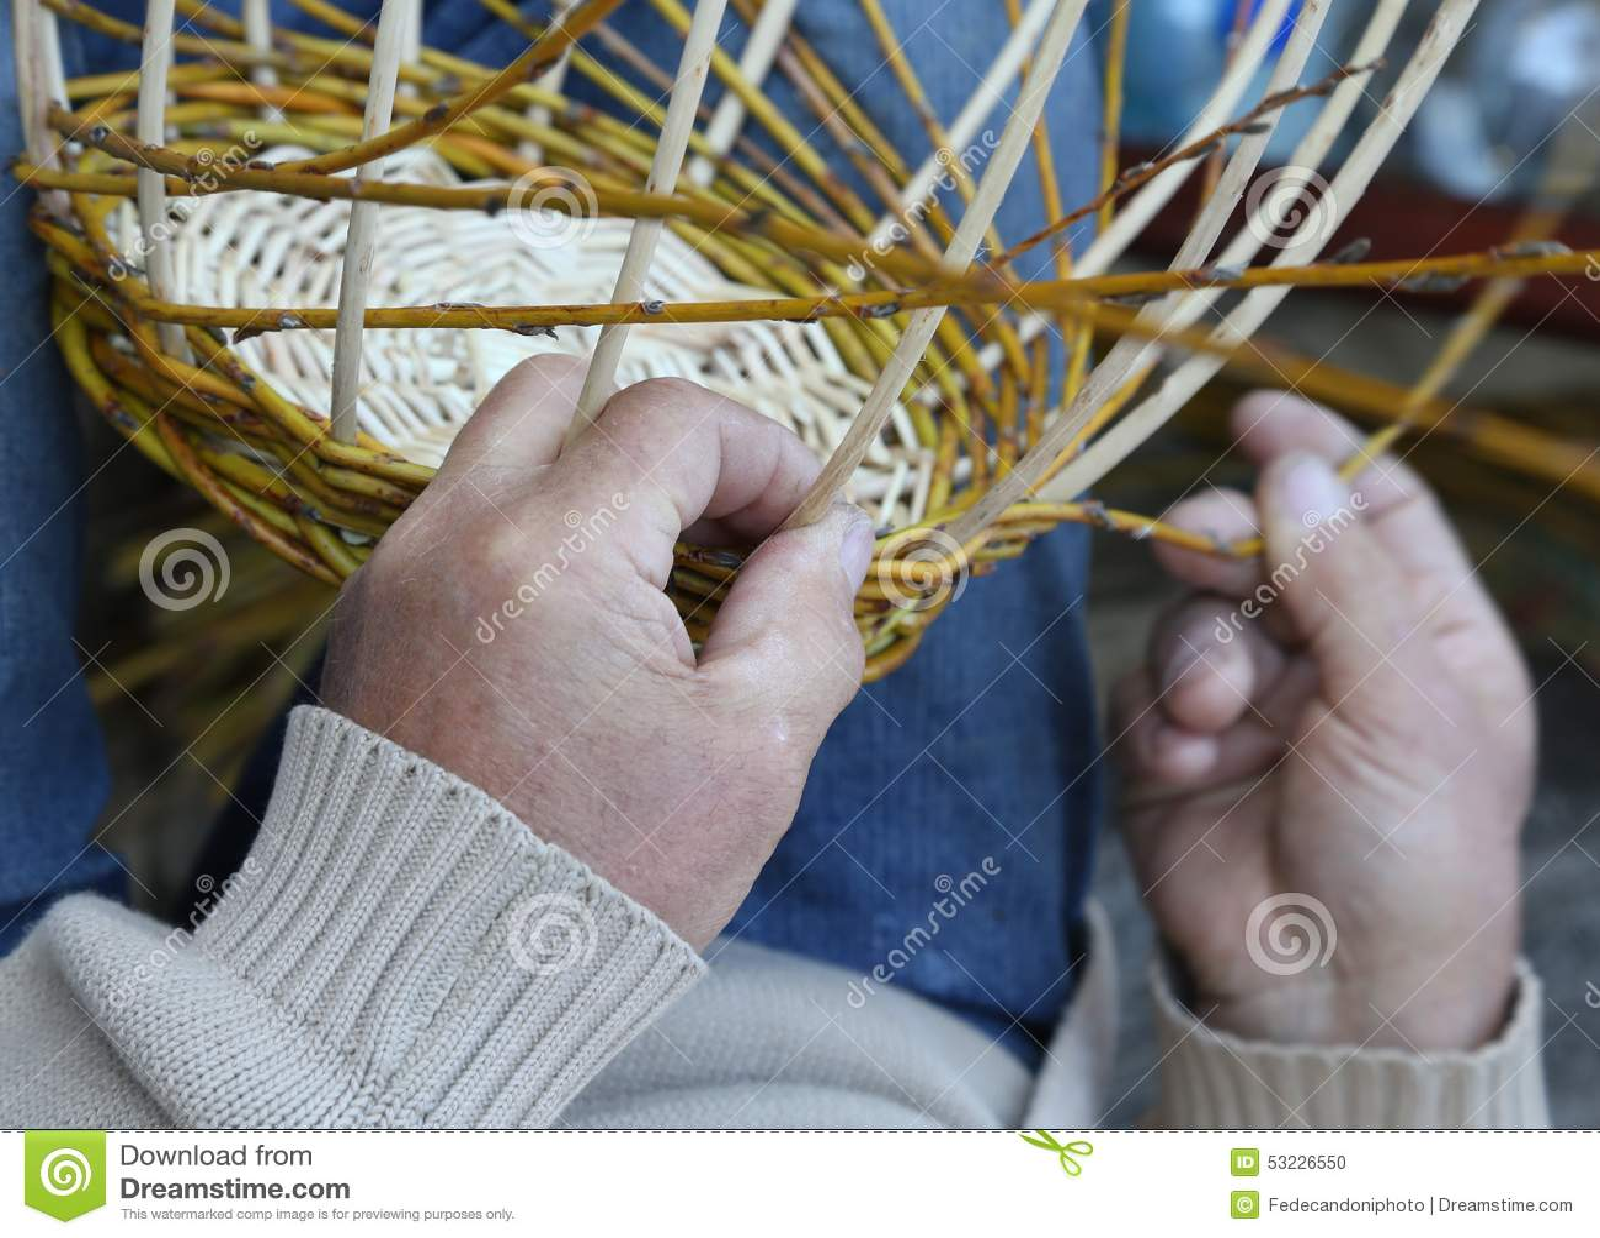 Las manos expertas del artesano crean una cesta de mimbre tejida